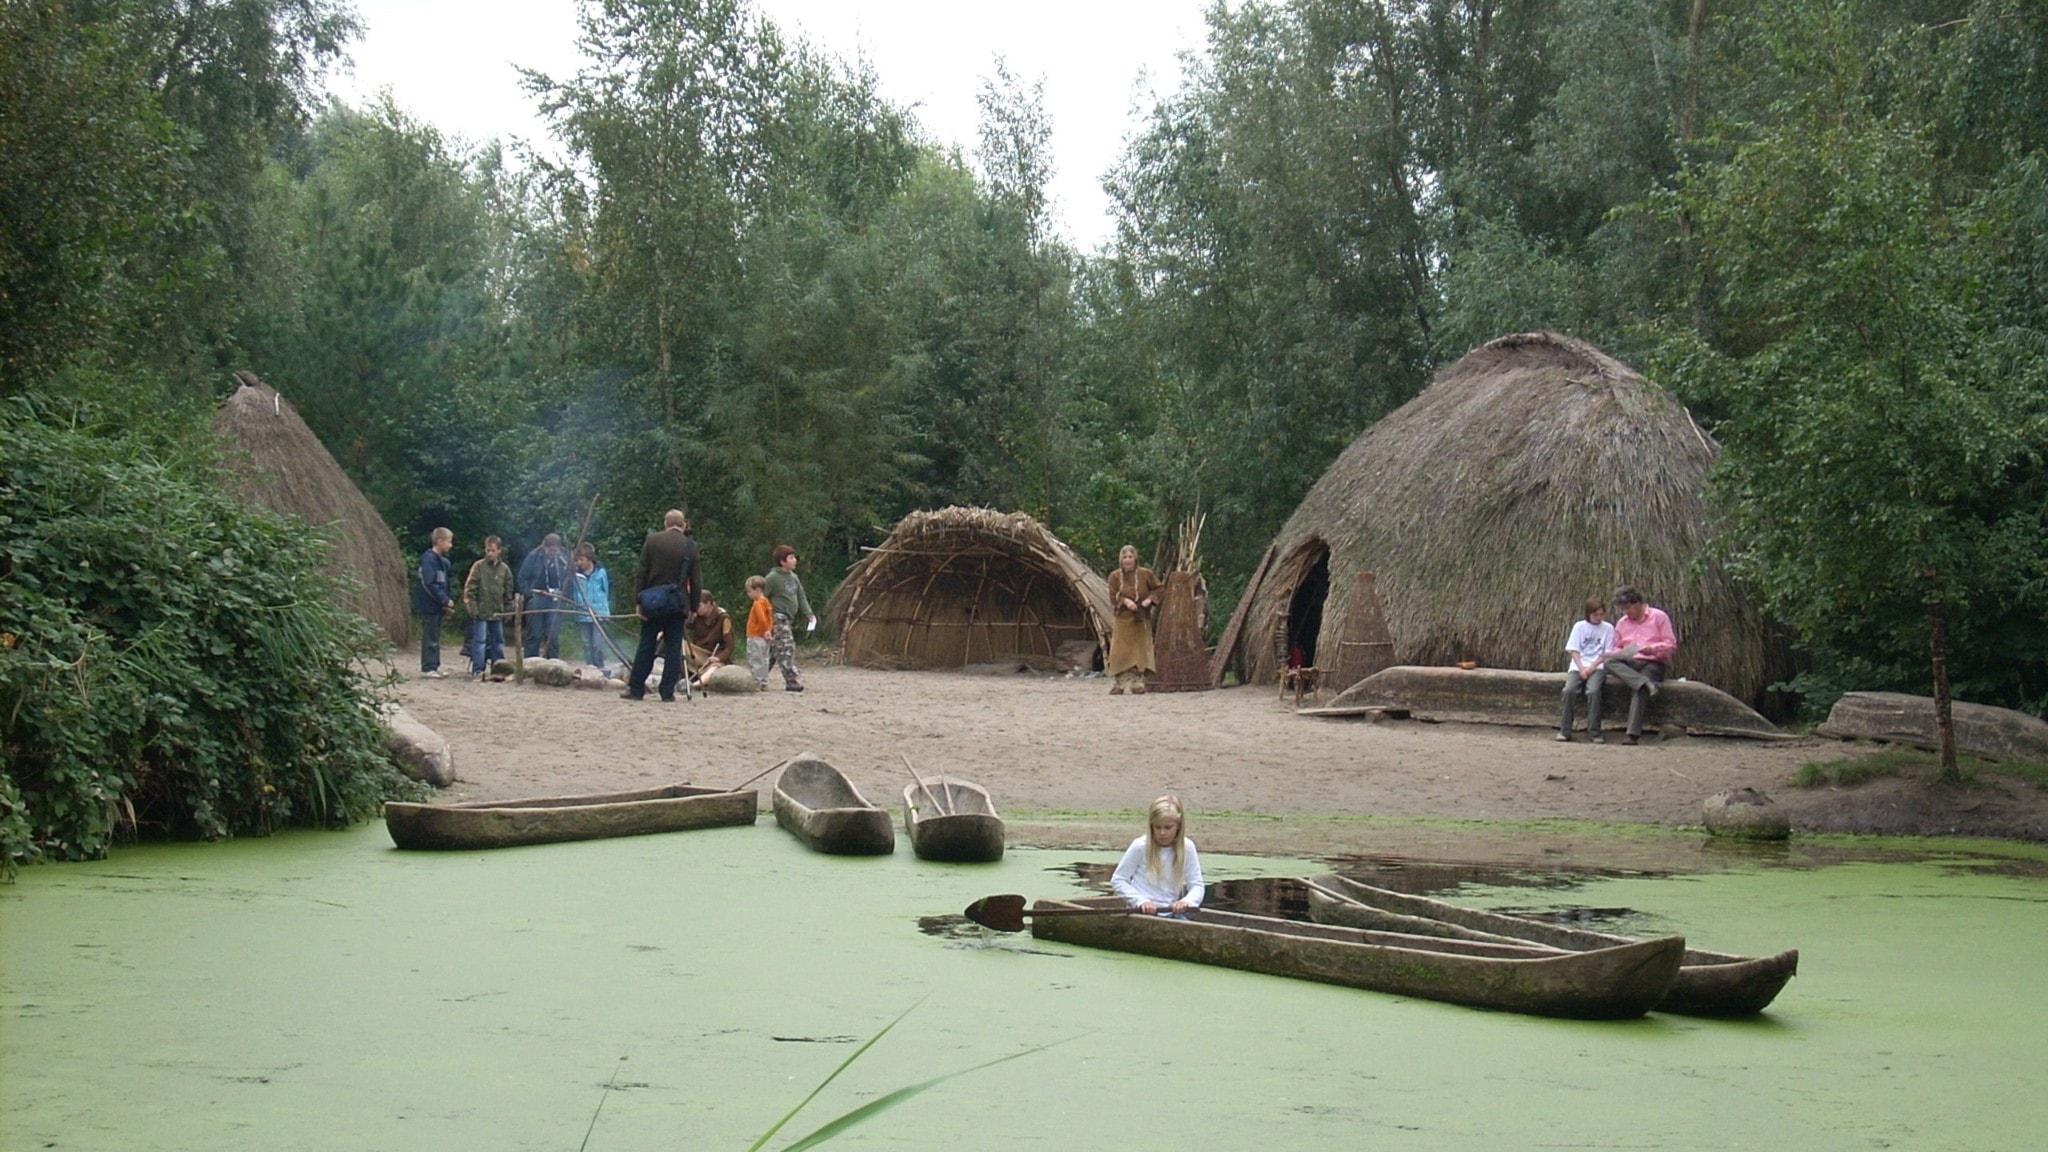 Rekonstruktioner av 8000-åriga stenåldershyddor - men husen i Sölvesborg var mycket större!